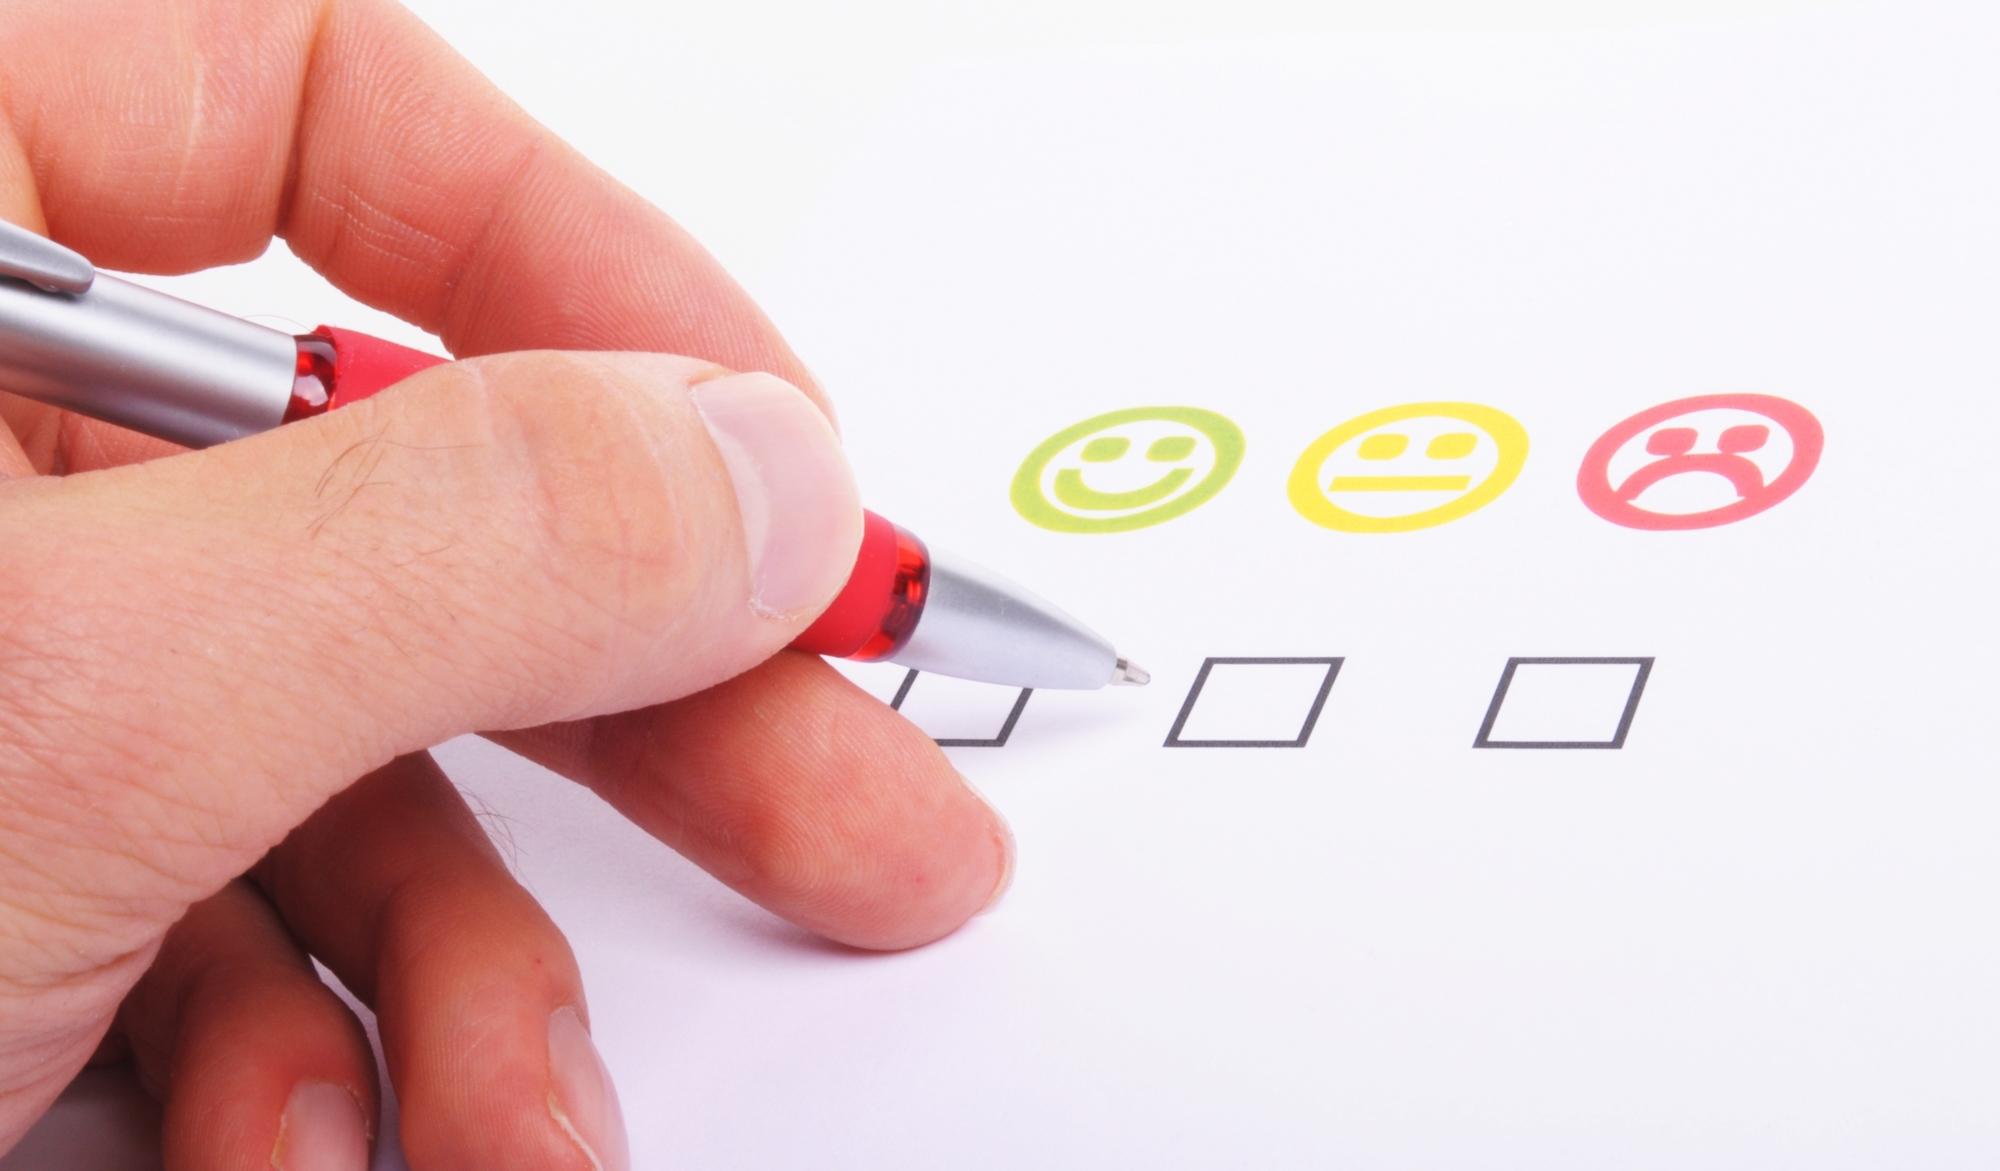 איך סקר שביעות רצון לקוחות עלול להשפיע לרעה על חווית הלקוח?